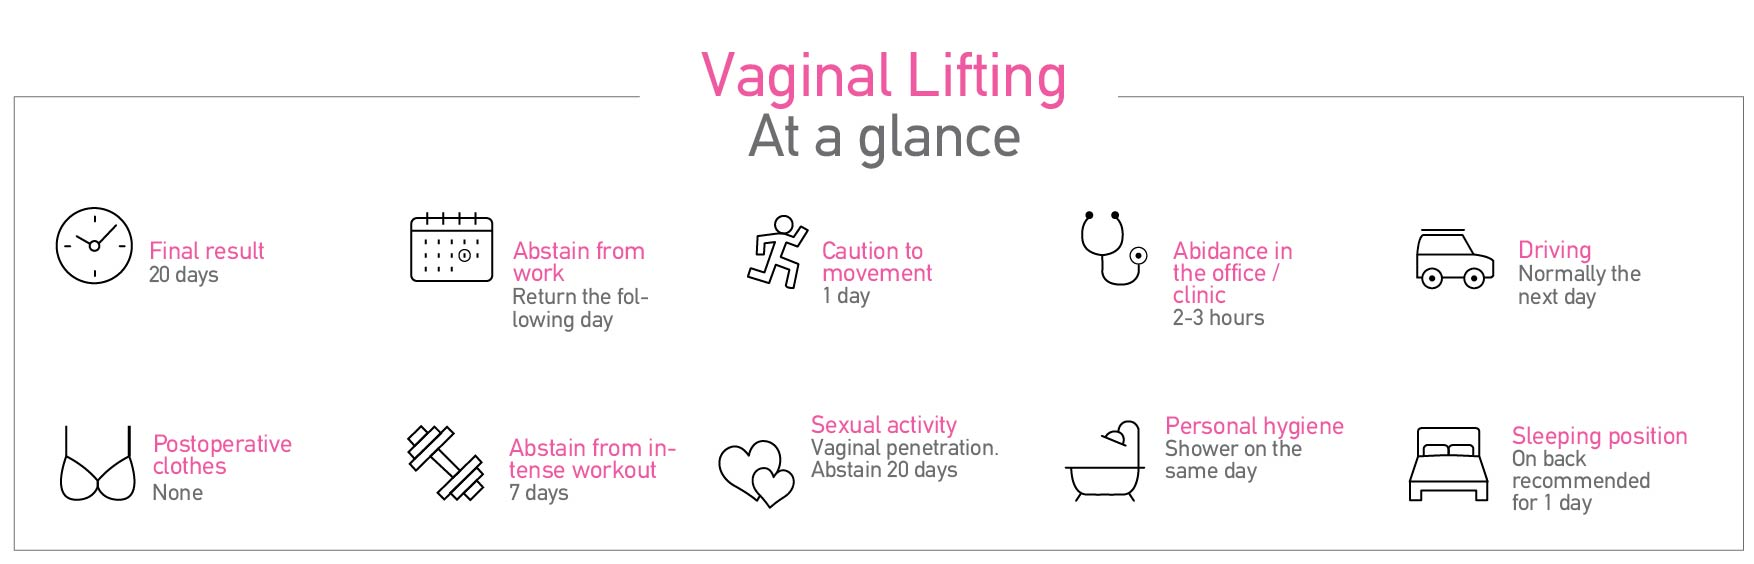 Vaginal Lifting